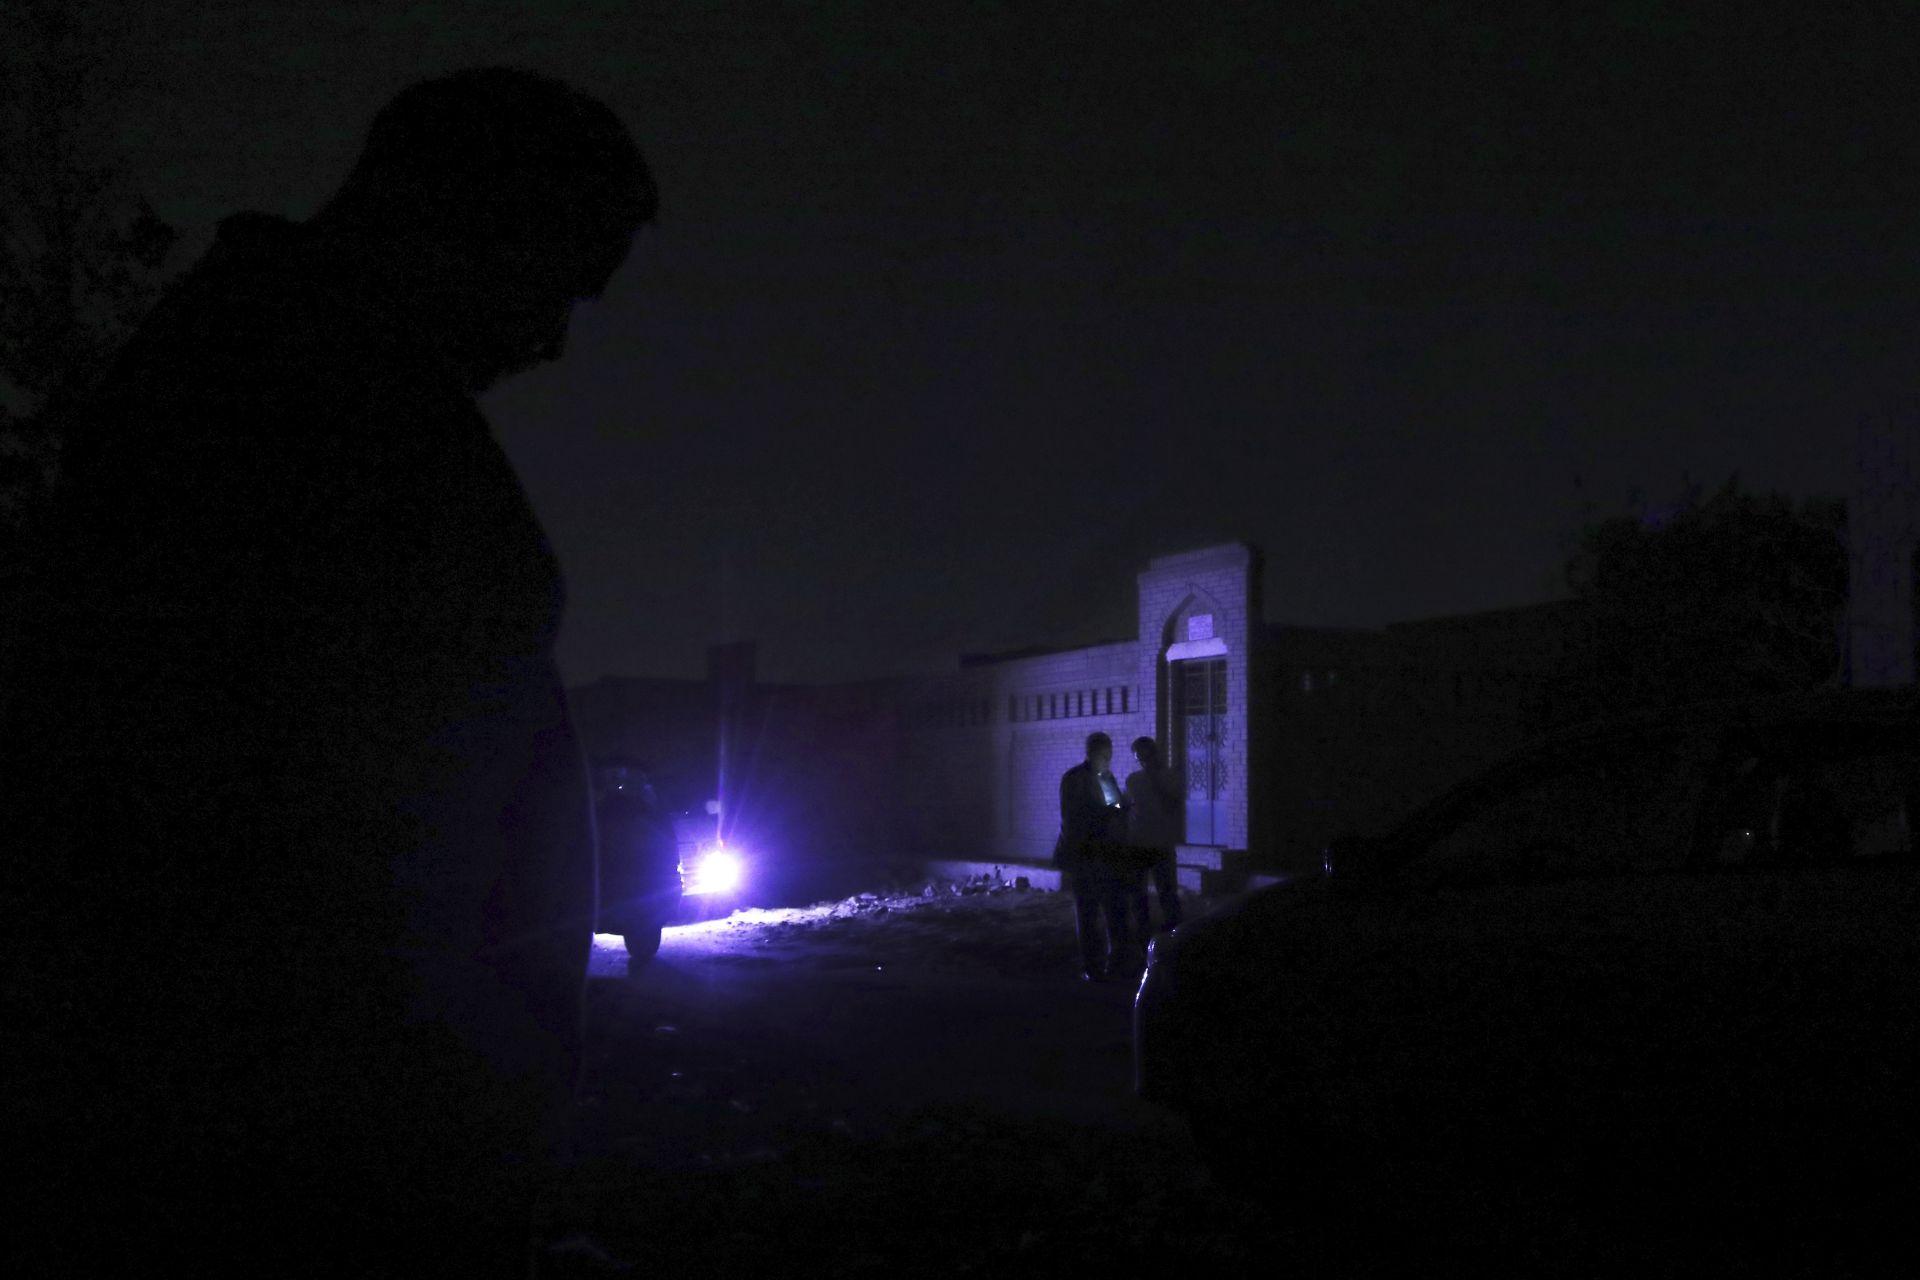 Морси беше погребан през нощта в присъствието на своето семейство